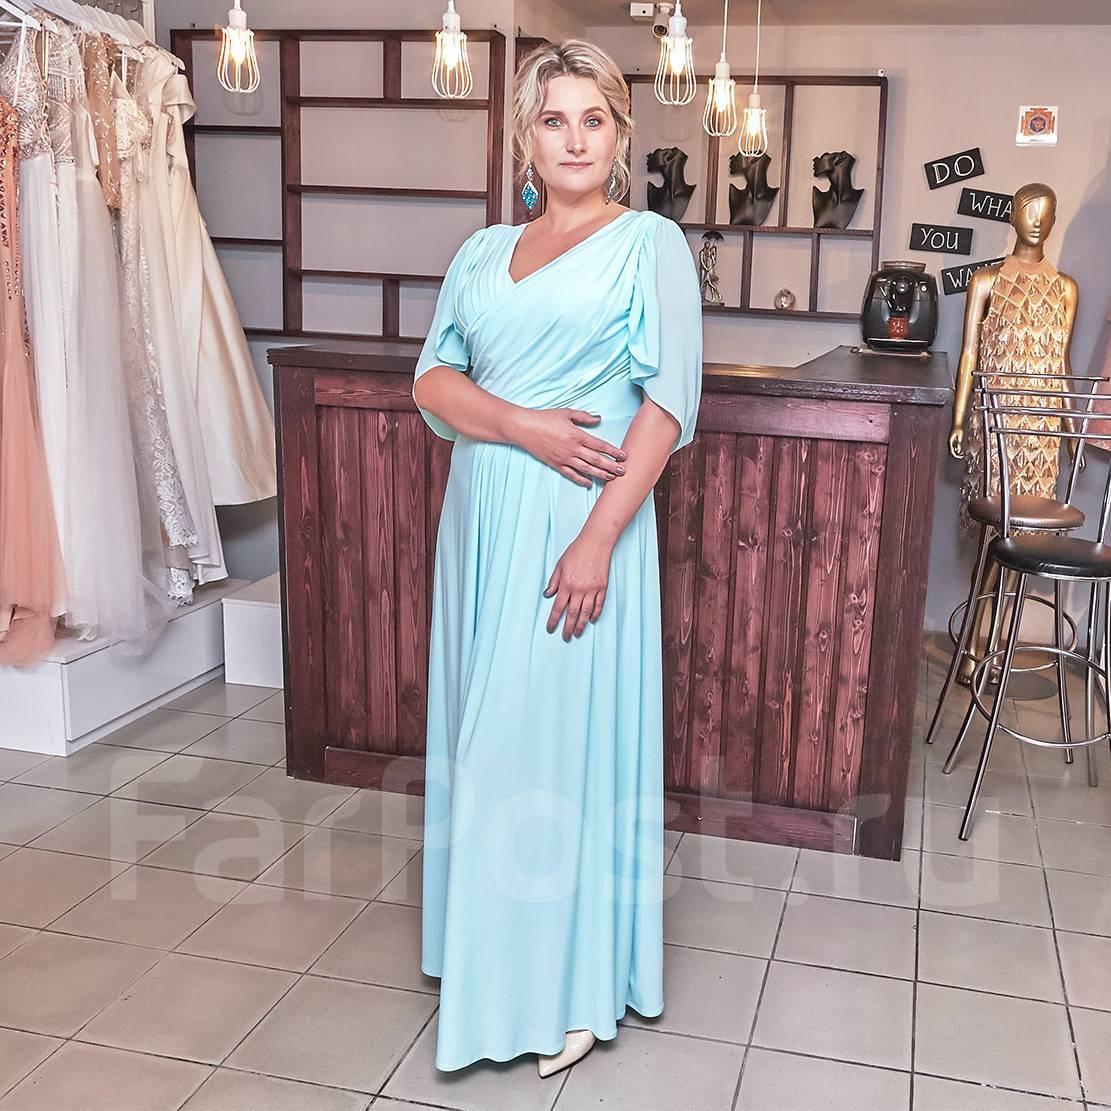 28c033b65b13 Женская одежда - купить модные платья, обувь и многое другое